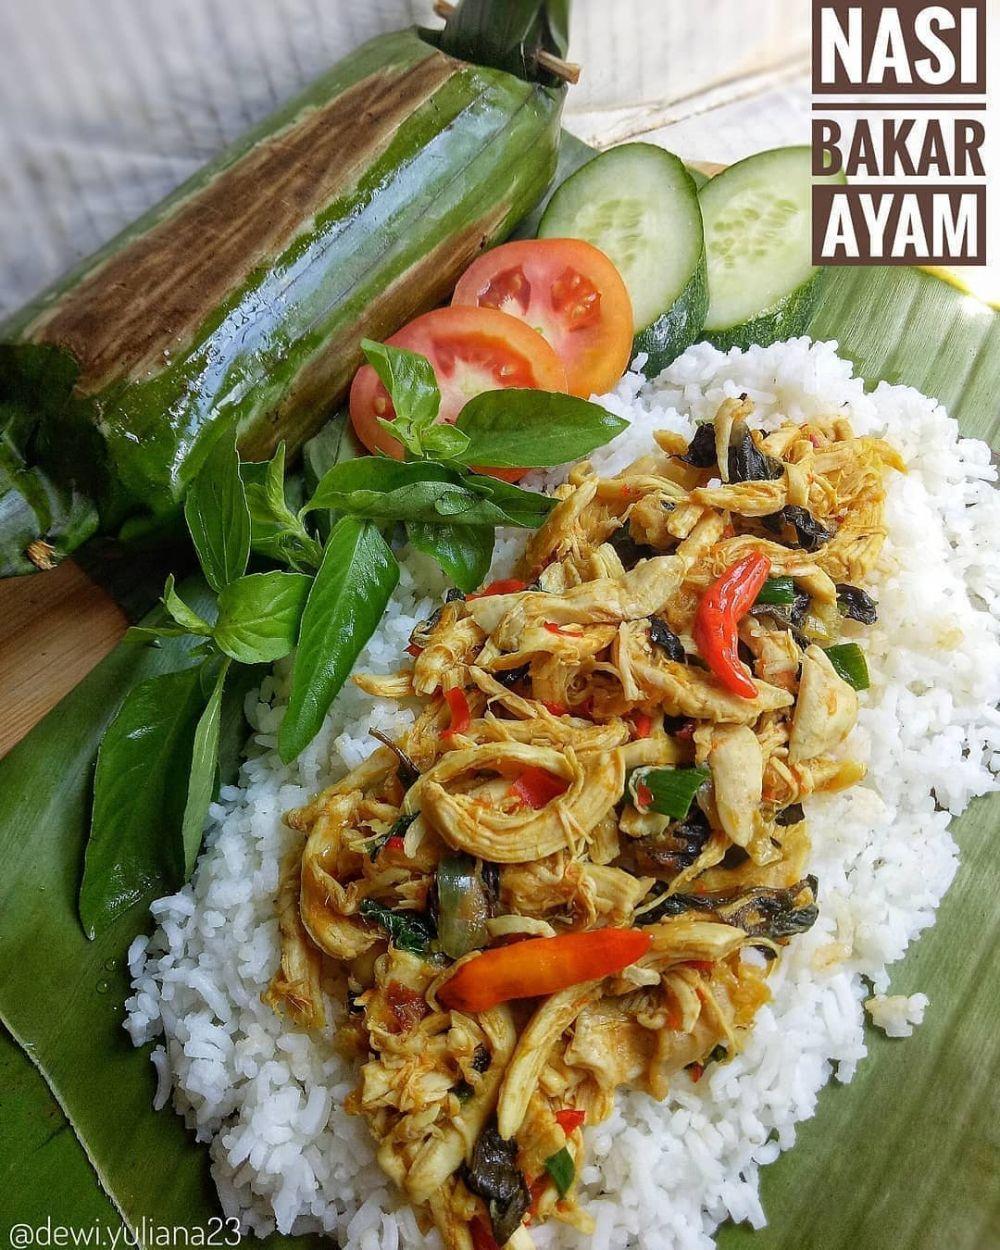 13 Resep nasi bakar ayam, wangi dan lezatnya nendang  berbagai sumber